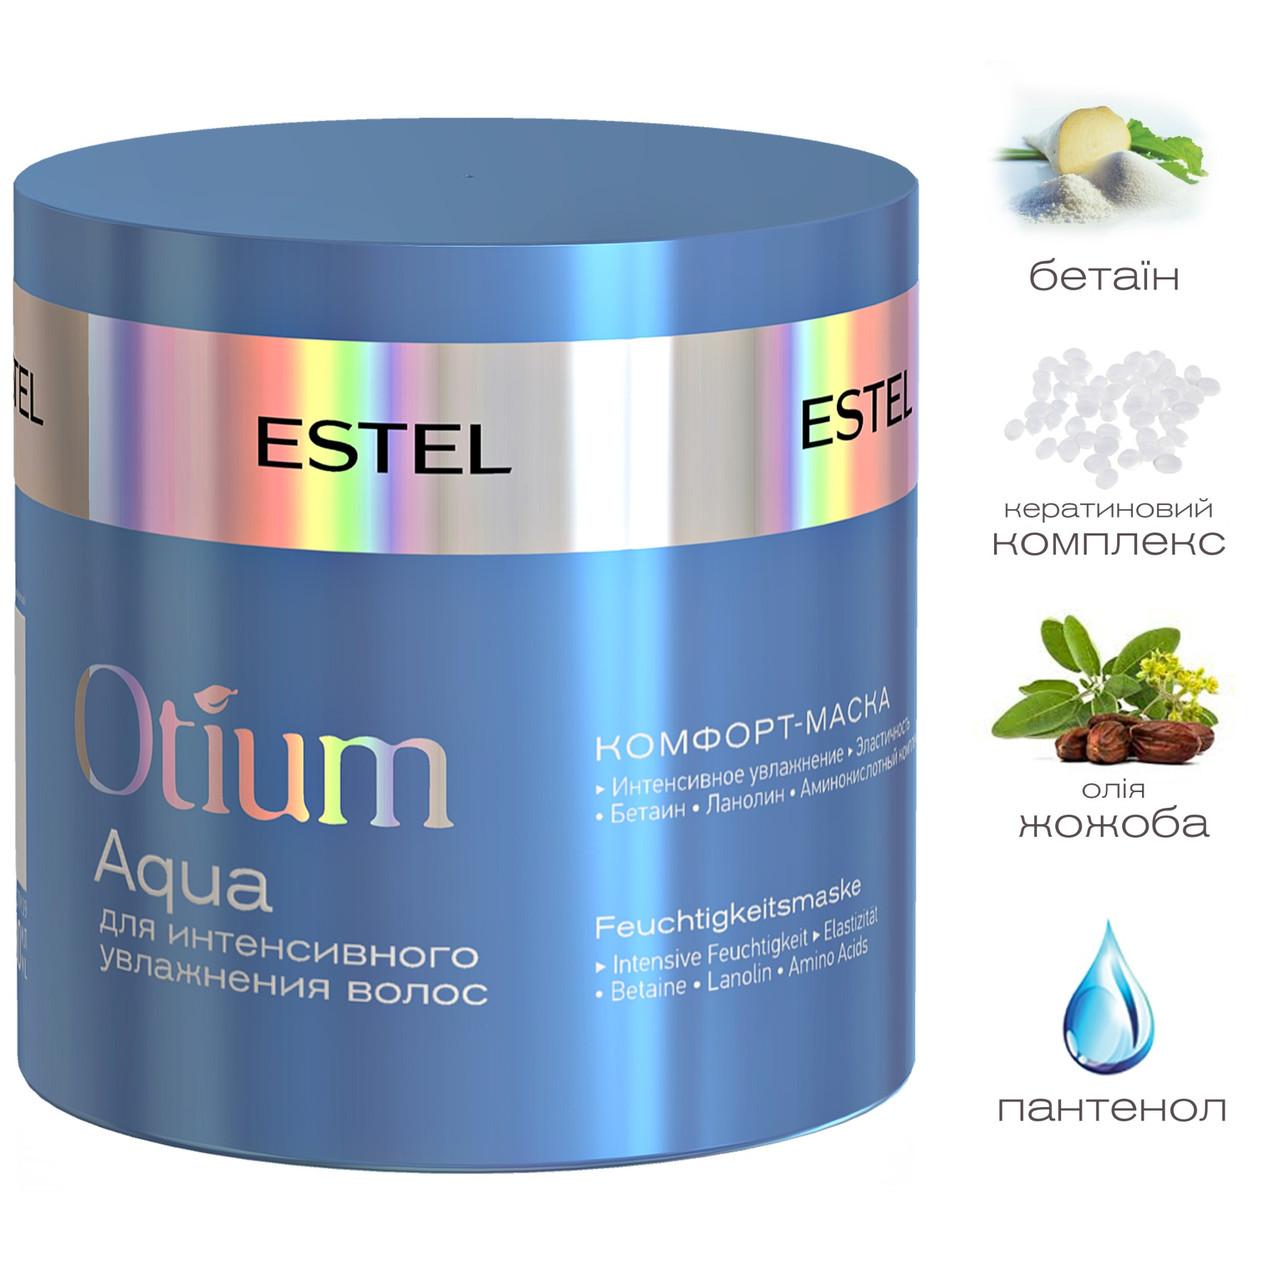 Маска для інтенсивного зволоження волосся 300 мл,Estel Otium Aqua